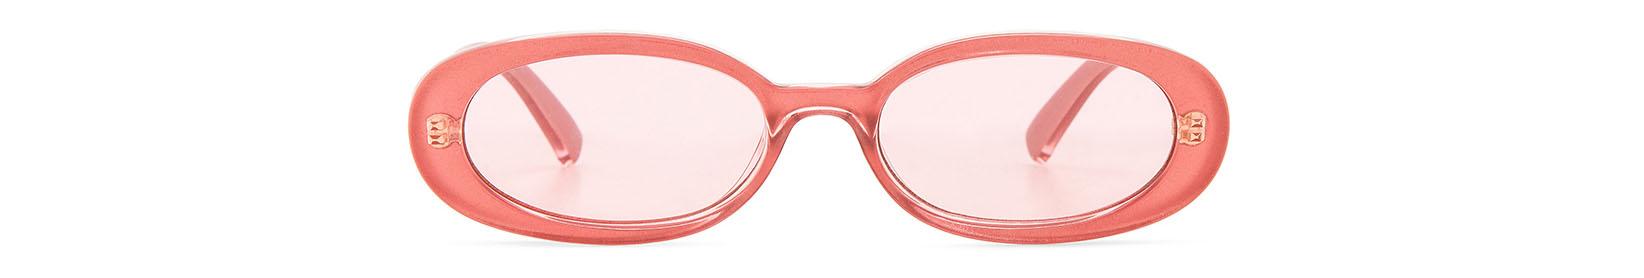 Le Specs X Revolve Outta Love Sunglasses